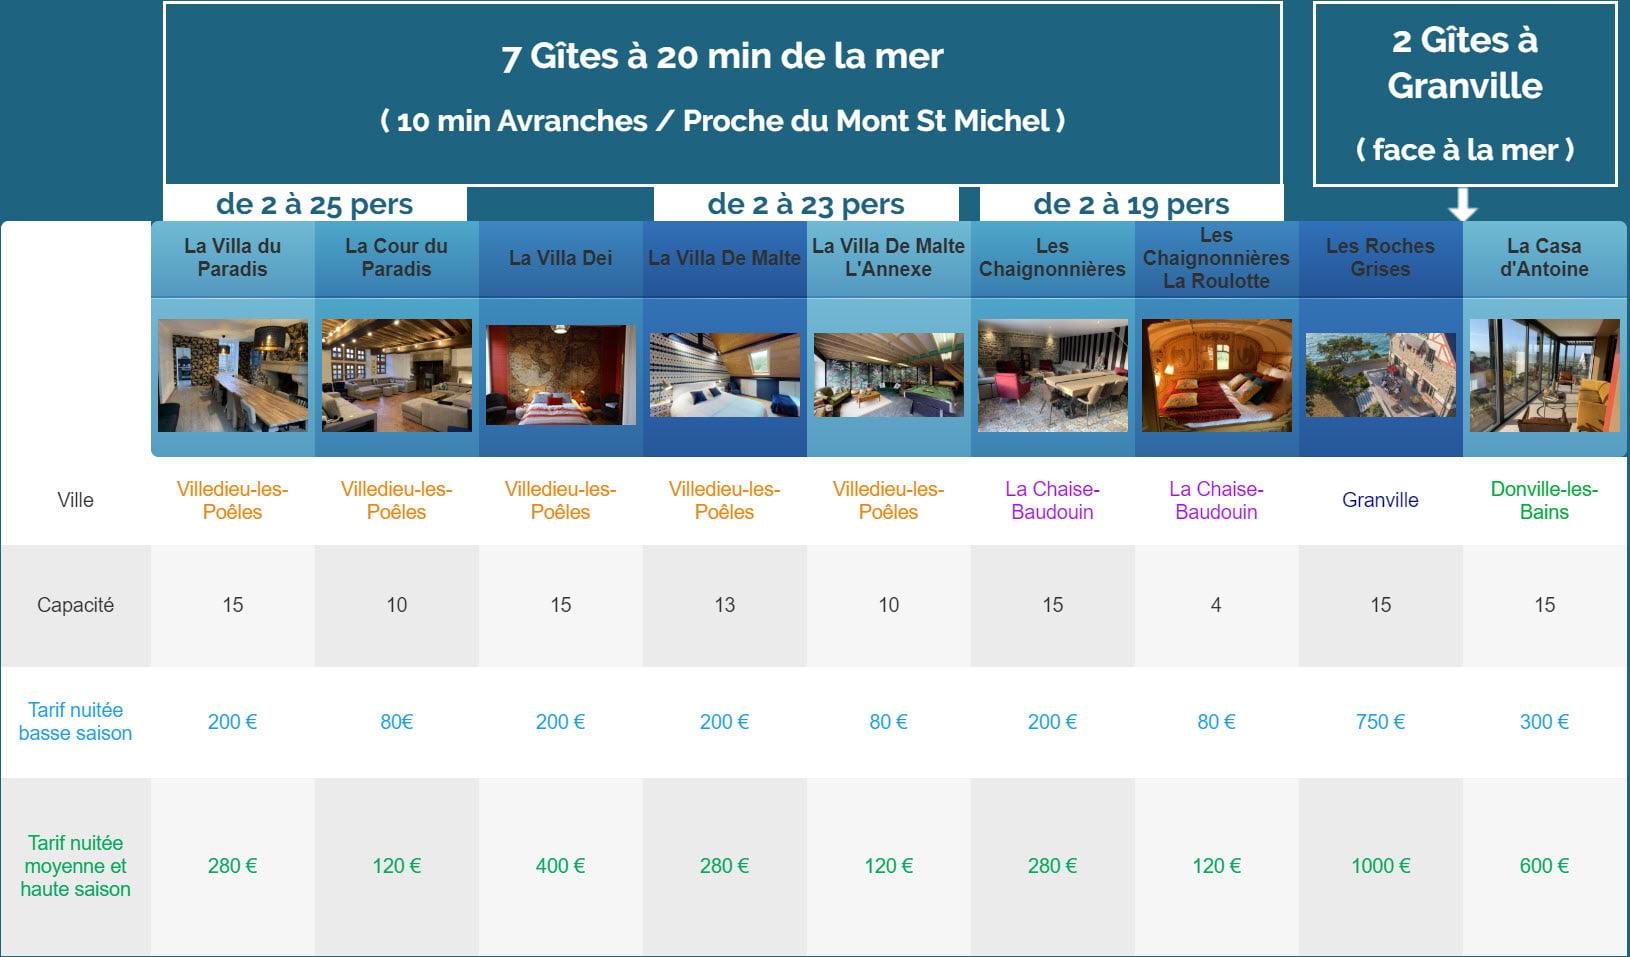 nuitee nouveaux gites 1 - Modification - Location de Gite La Clef Decamp - Laclefdecamp.fr